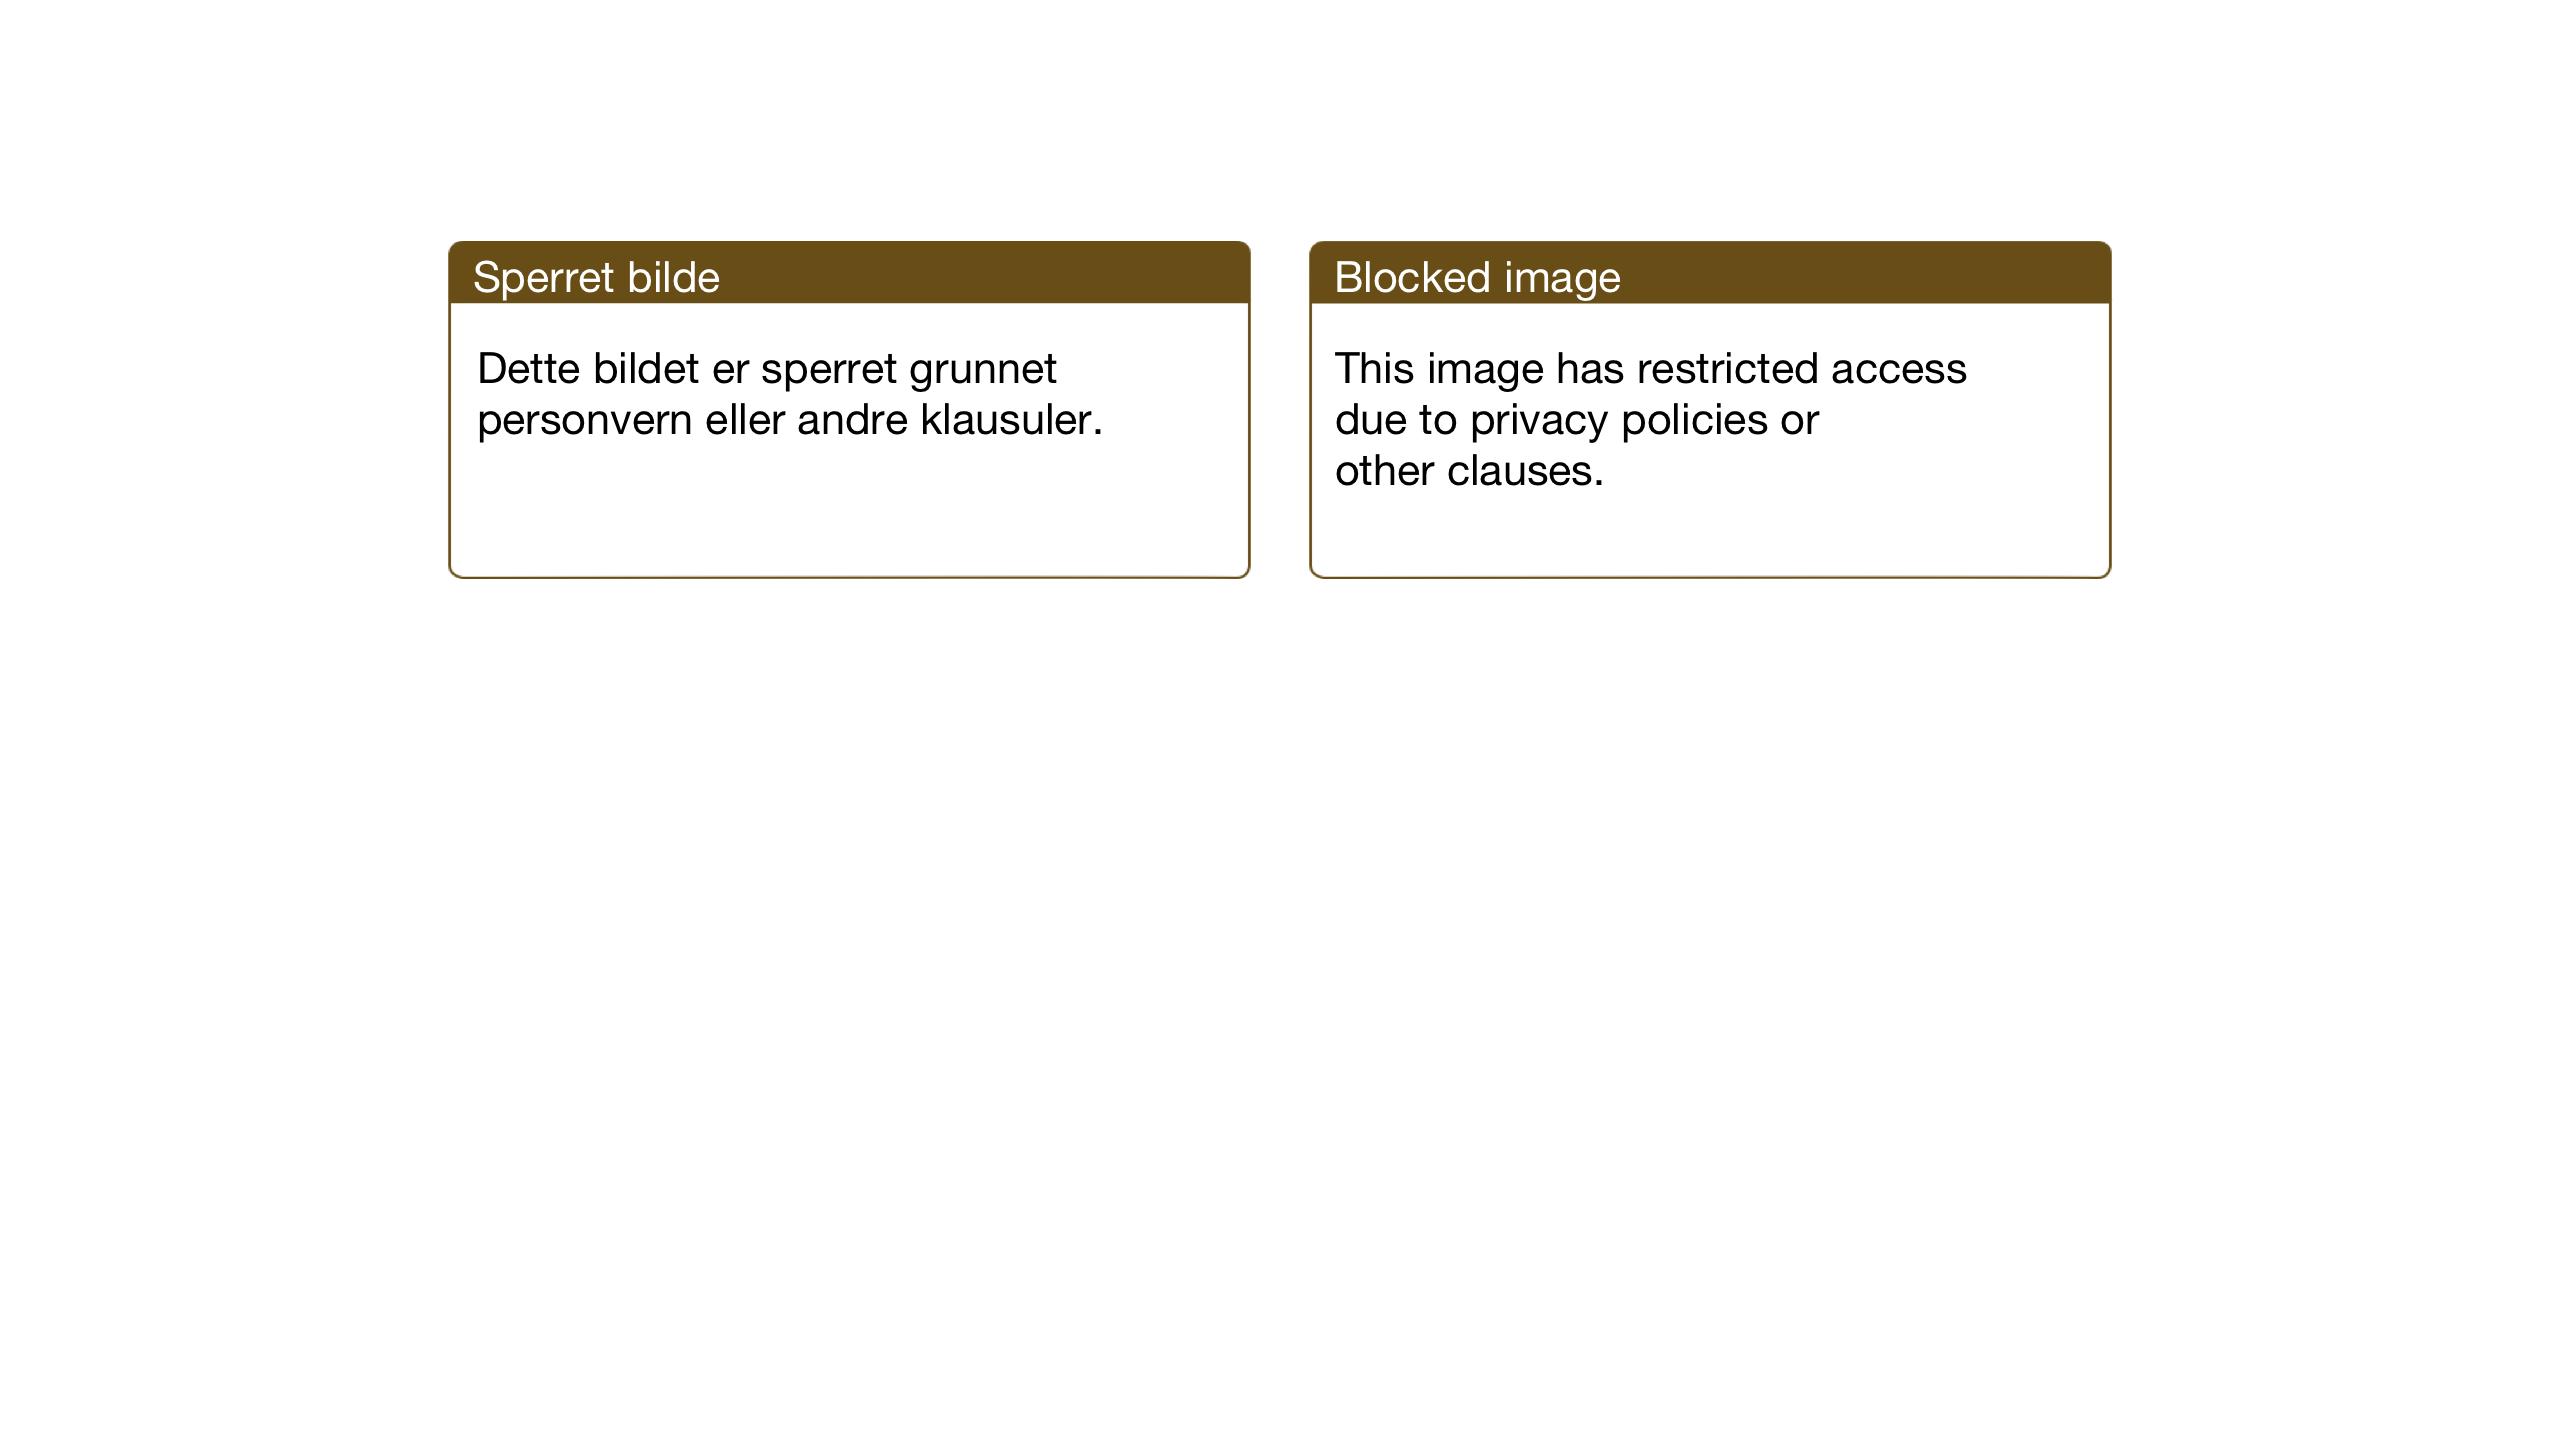 SAT, Ministerialprotokoller, klokkerbøker og fødselsregistre - Nord-Trøndelag, 730/L0304: Klokkerbok nr. 730C07, 1934-1945, s. 6